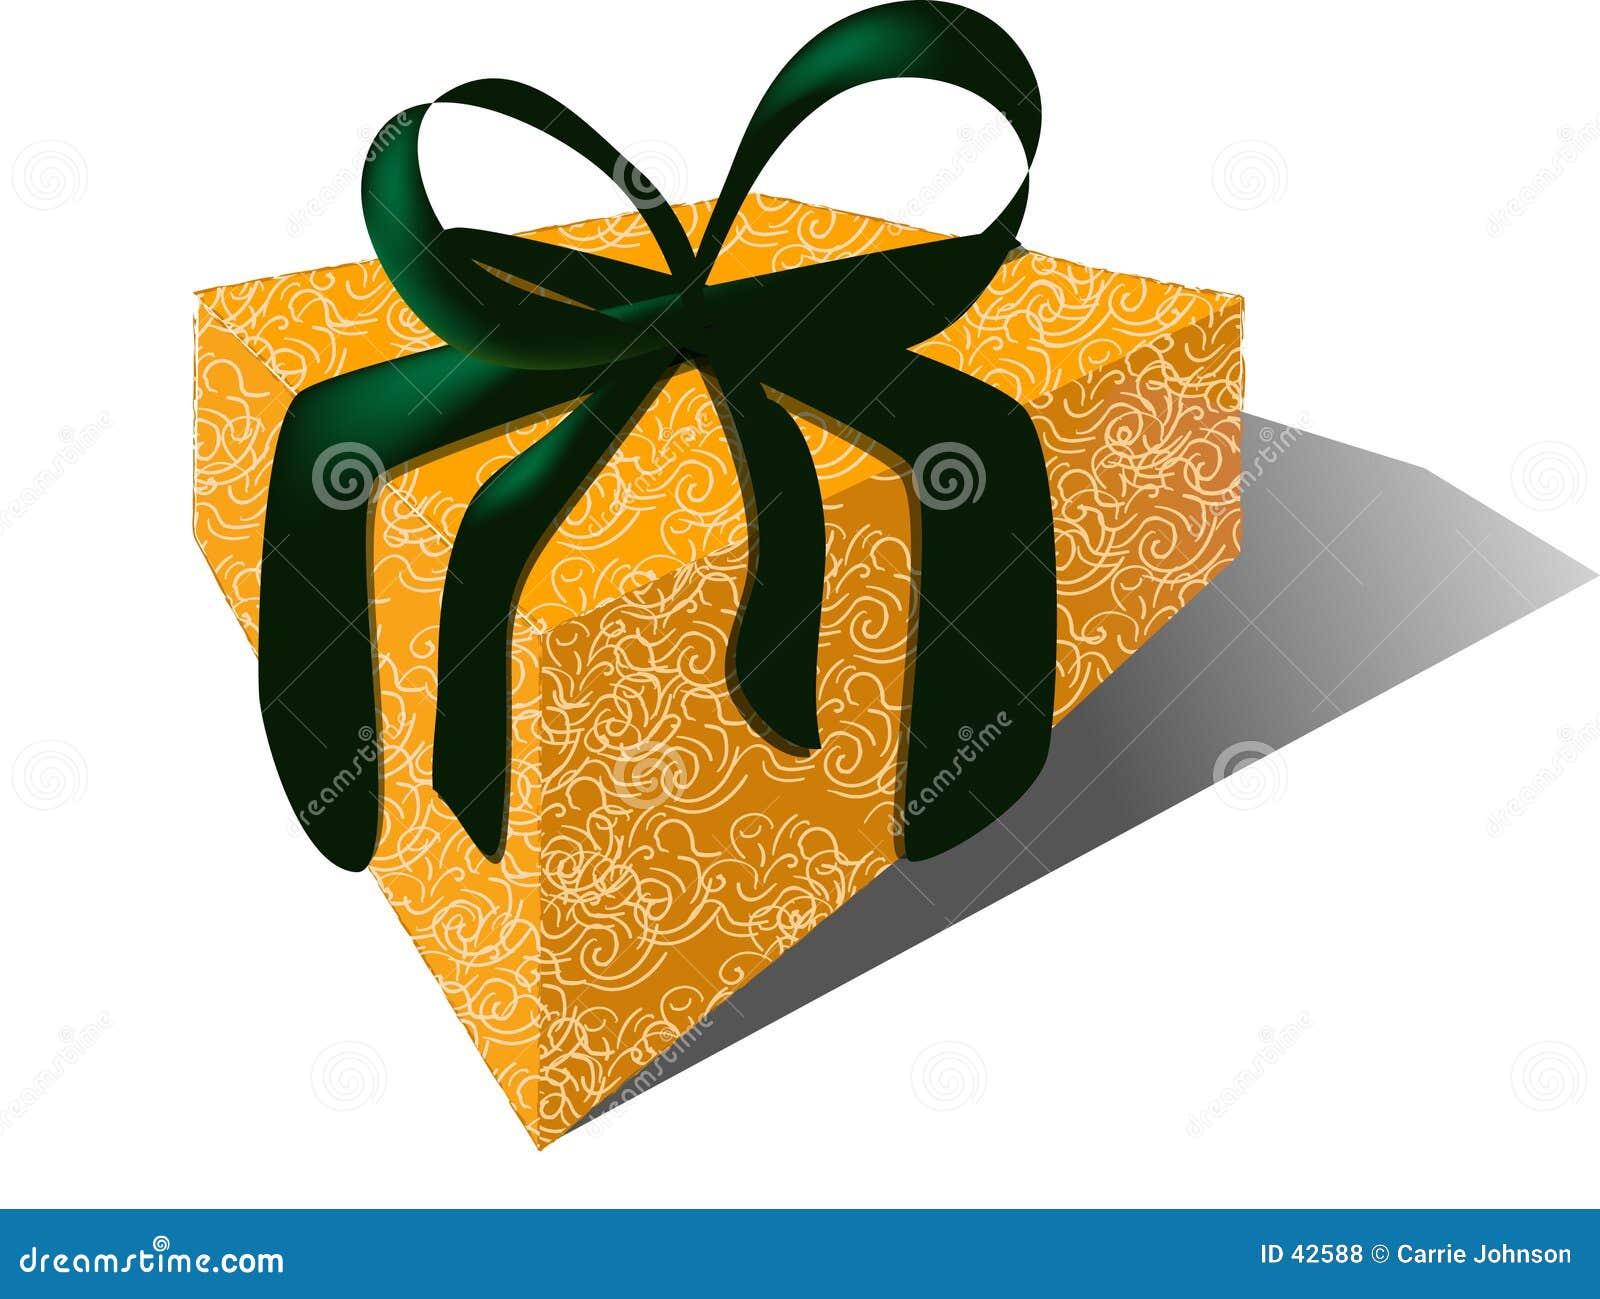 Altembasowego prezentu tasiemkowy okrycie aksamitny